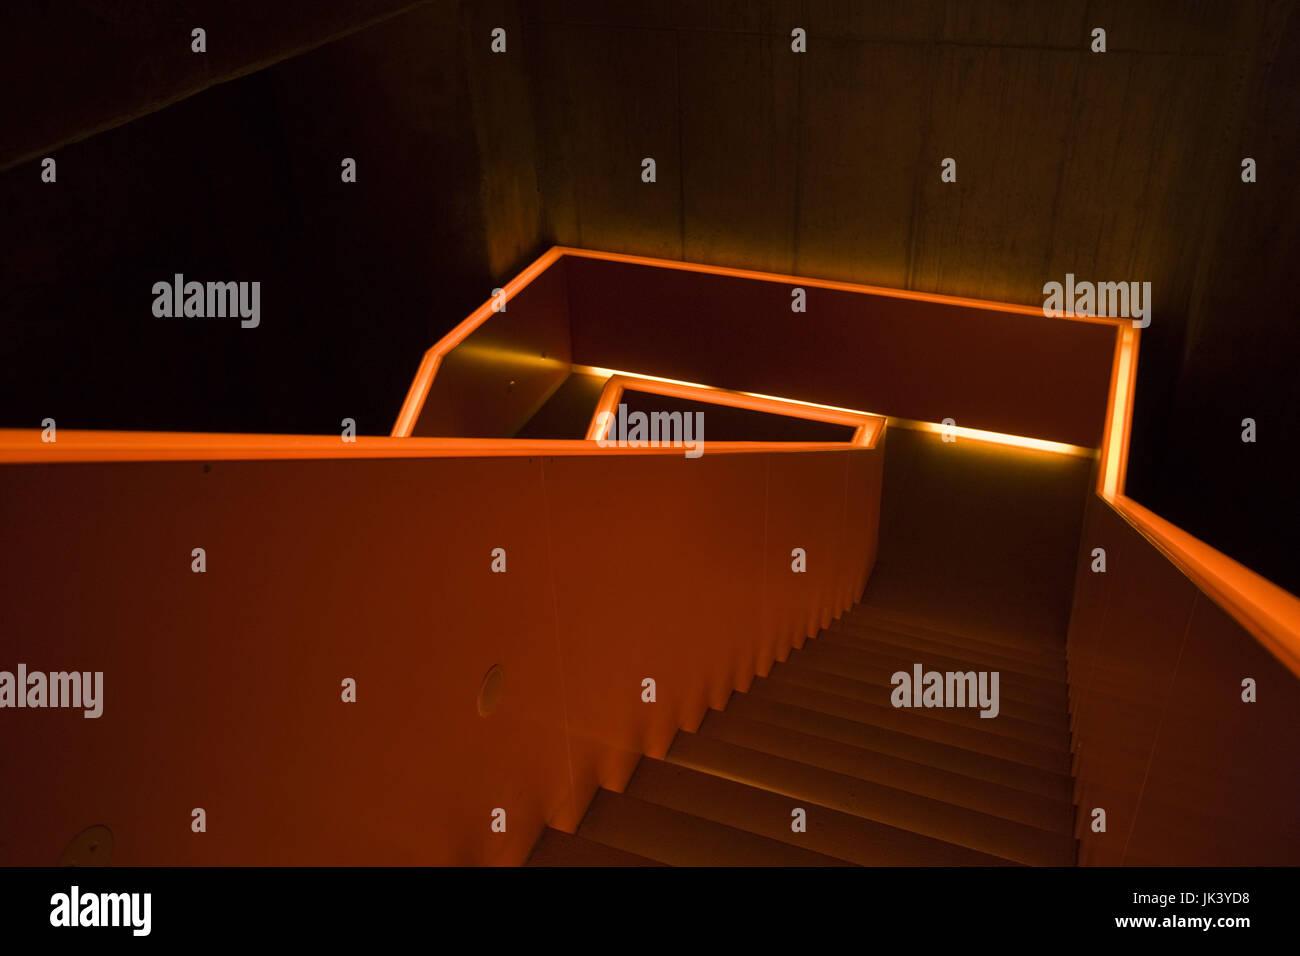 Germany, Nordrhein-Westfalen, Ruhr Basin, Essen, World Heritage Zollverein former coal mine, visitor center stairs, - Stock Image